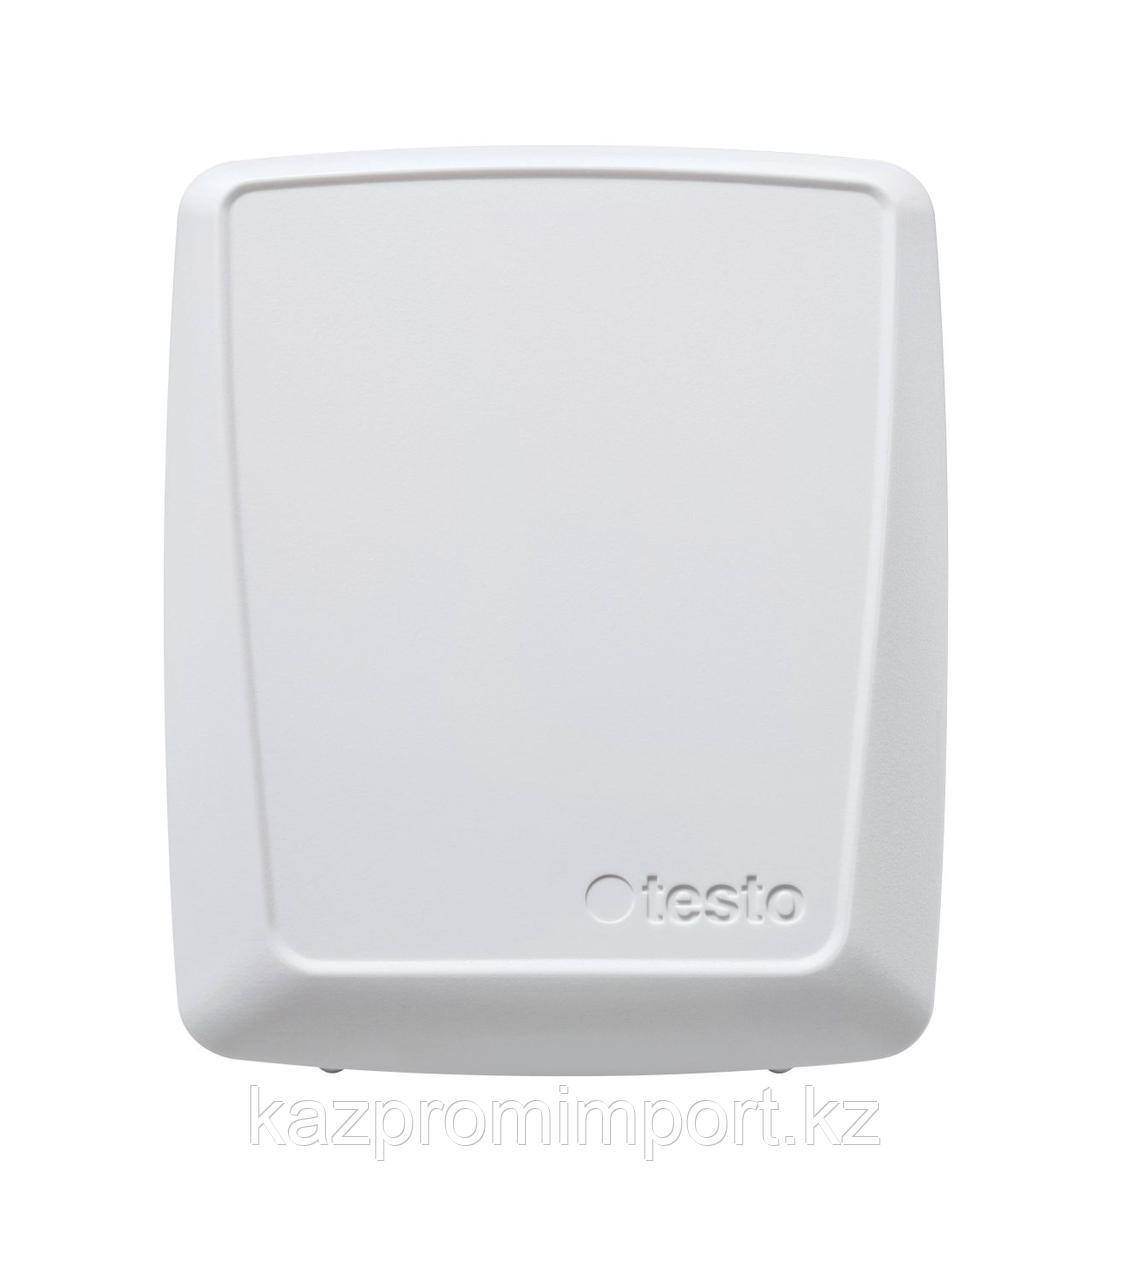 Testo 160 E - WiFi-логгер данных с 2-я разъемами для подключения зондов измерения температуры и влажности, осв